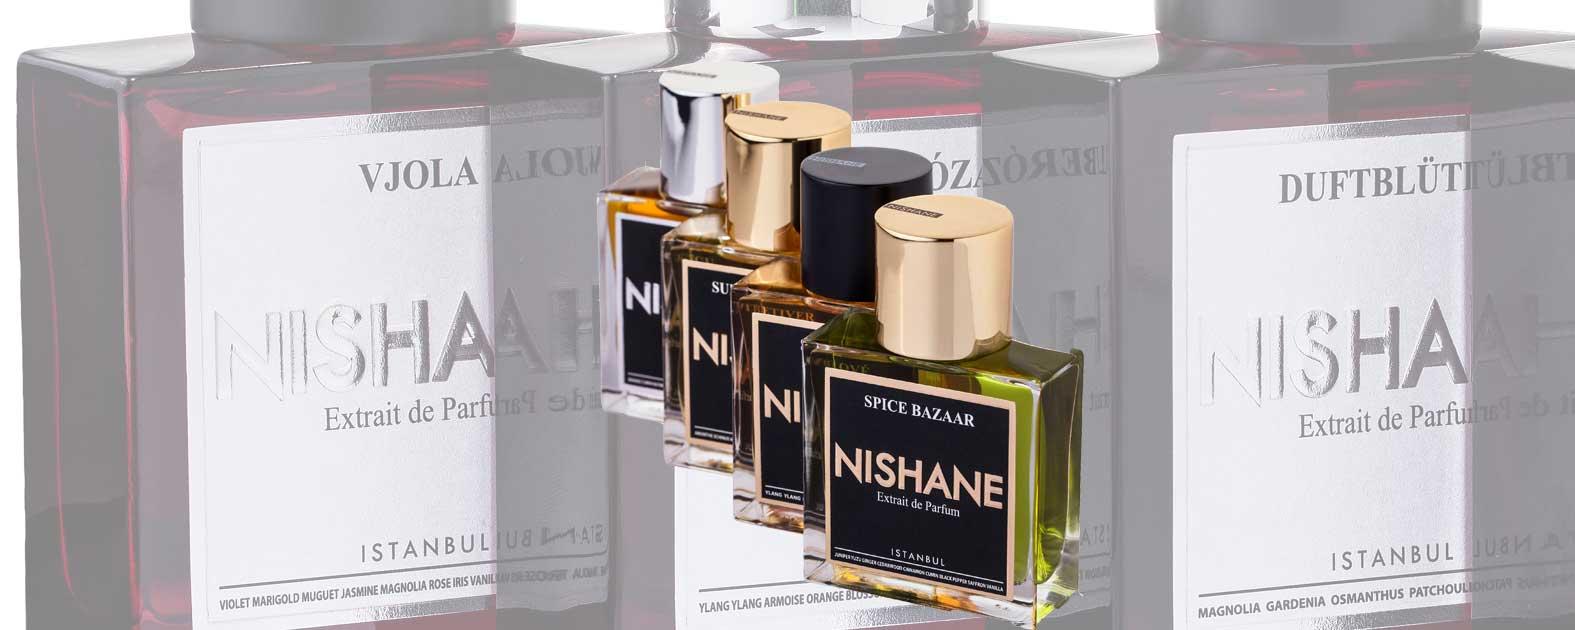 nishane-voor-site